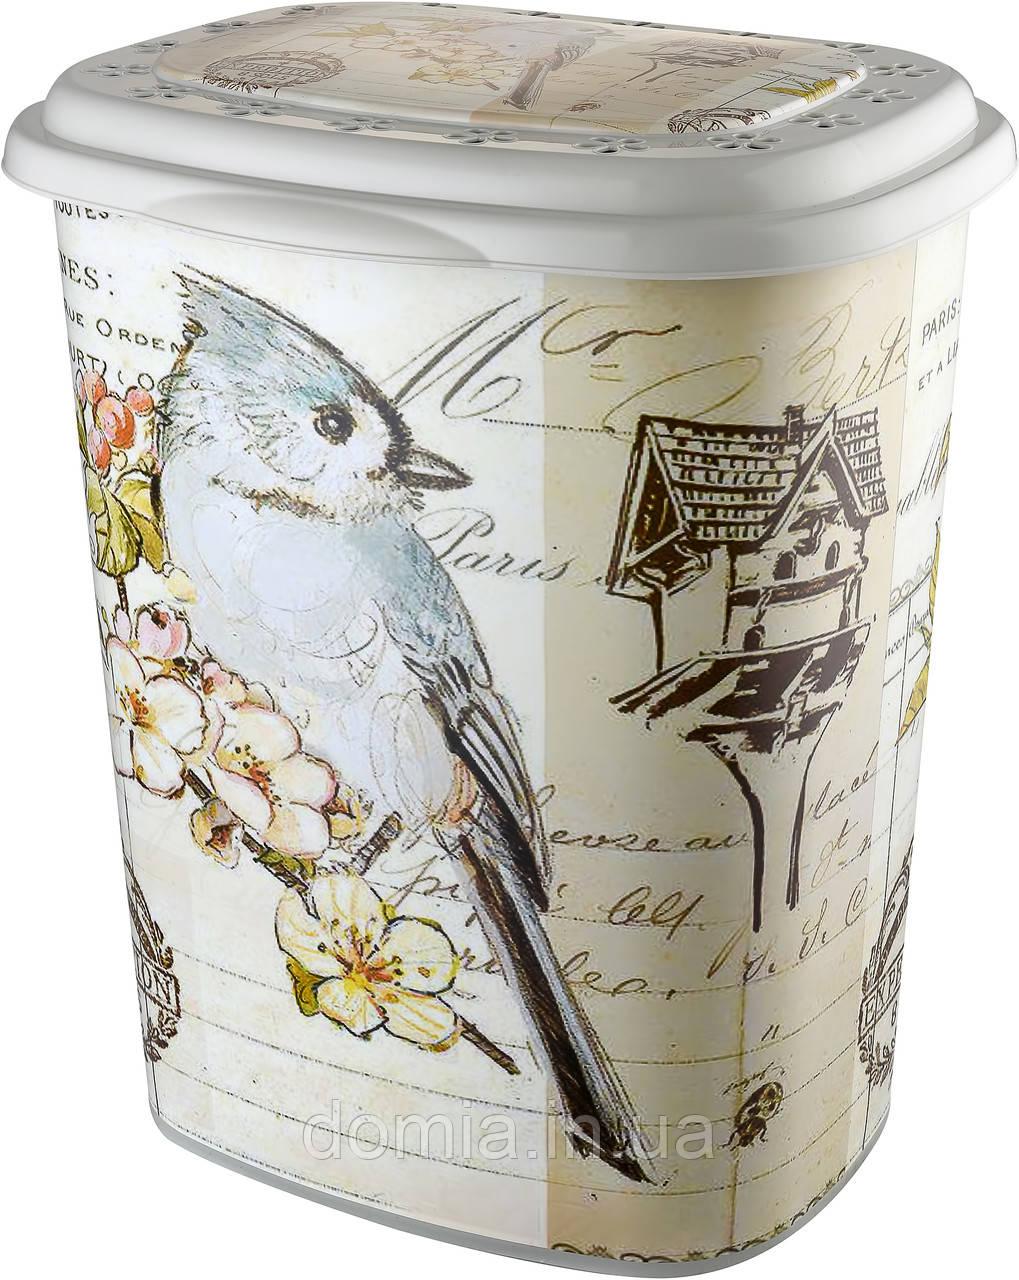 Корзина для белья ELIF Plastiк с рисунком Птицы (38*45*53 см) 50 л, Е-339